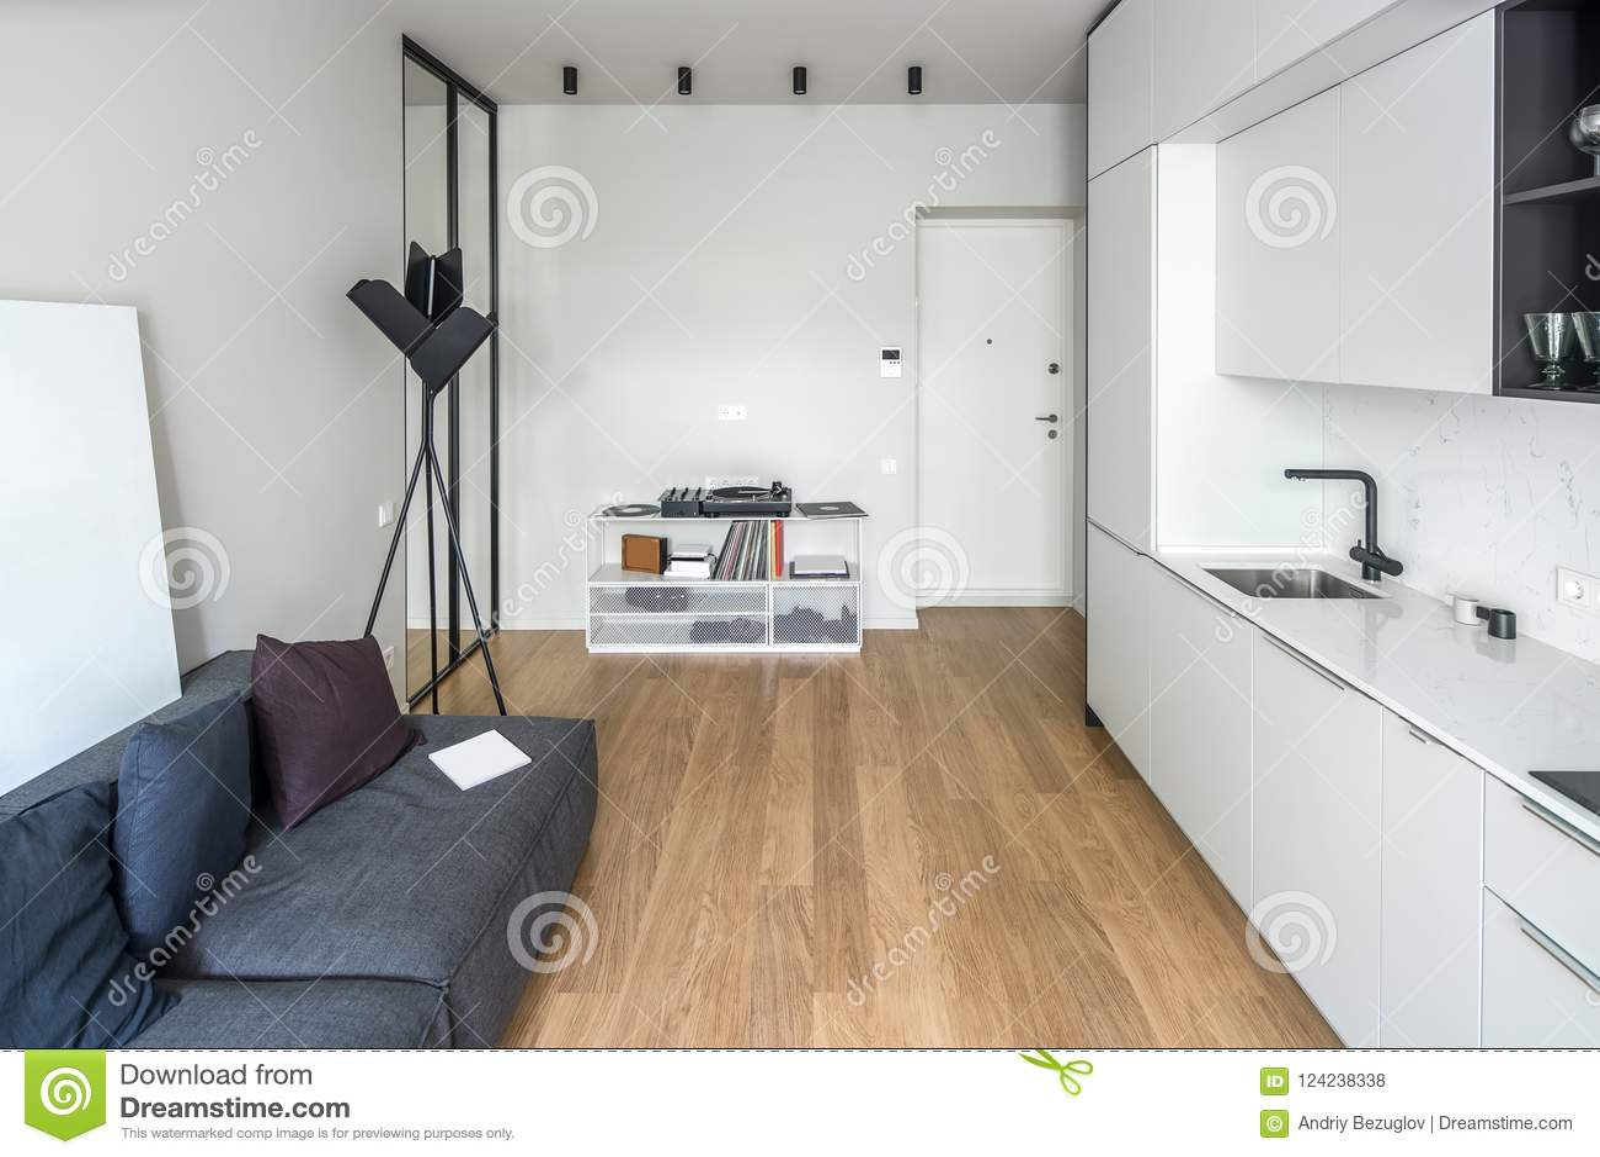 kitchen vinyl low flow faucet 现代样式的厨房与轻的墙壁库存照片 图片包括有创造性 大厅 生活方式 一个现代样式的时髦厨房与轻的墙壁和一个木条地板在地板上有白色衣物柜和抽屉 水槽 有枕头的灰色沙发 黑落地灯 与乙烯基球员的立场 镜子